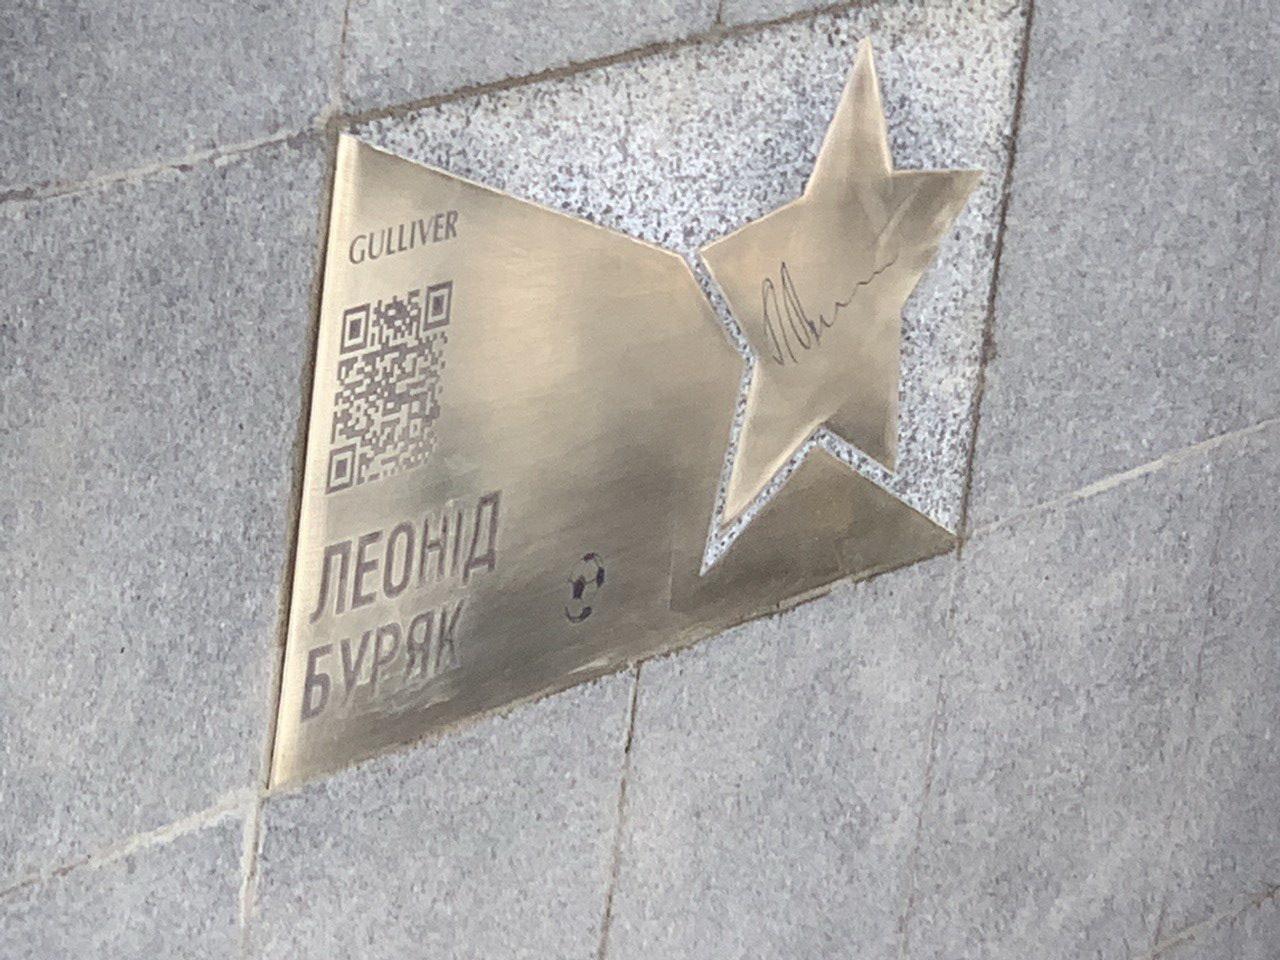 Заслуженный тренер Украины Леонид Буряк получил именную звезду на Аллее Звезд в Киеве — фото